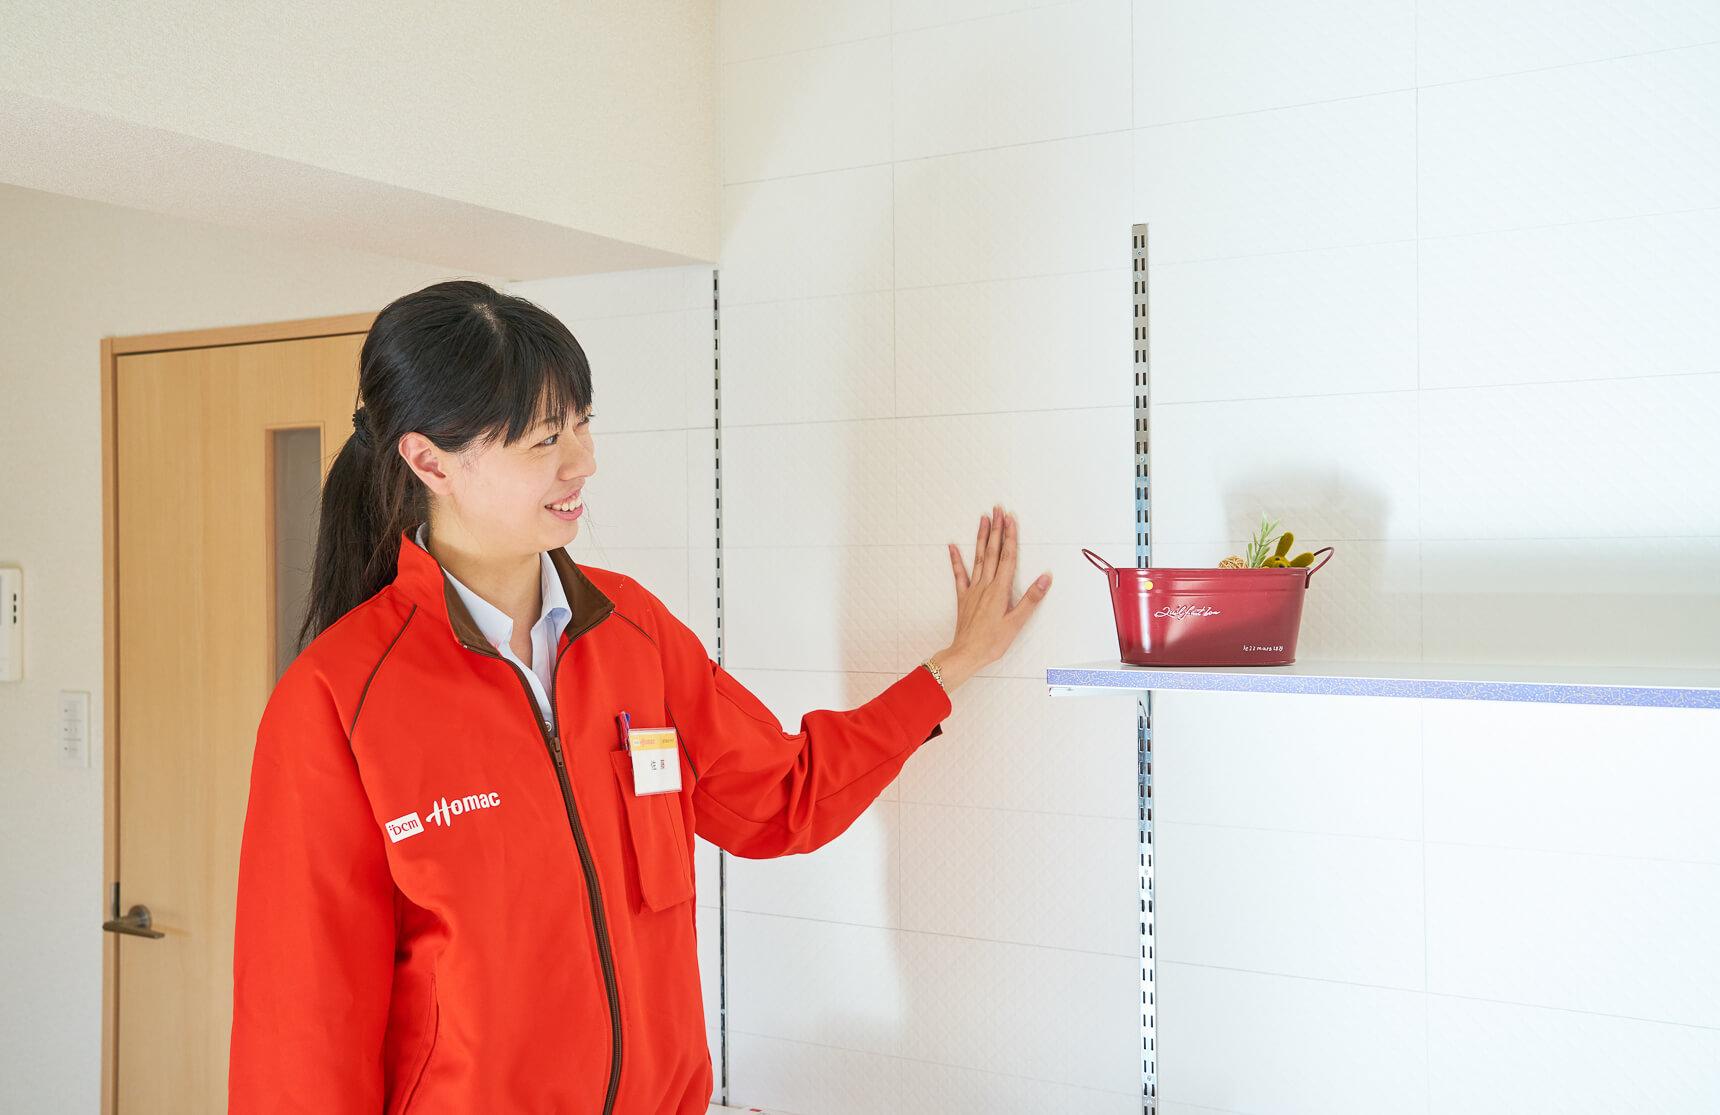 """「この壁は、調湿壁材の""""さらりあ〜と""""という素材を使っていて、湿度を調節したり、防臭の効果があるんです。キッチンって何かと匂いが出やすいですよね。防臭効果もあるので匂いがリビングに残るのを防いだり、ザラッとした素材がお部屋のアクセントにもなるので、今回採用しました」へ〜。"""